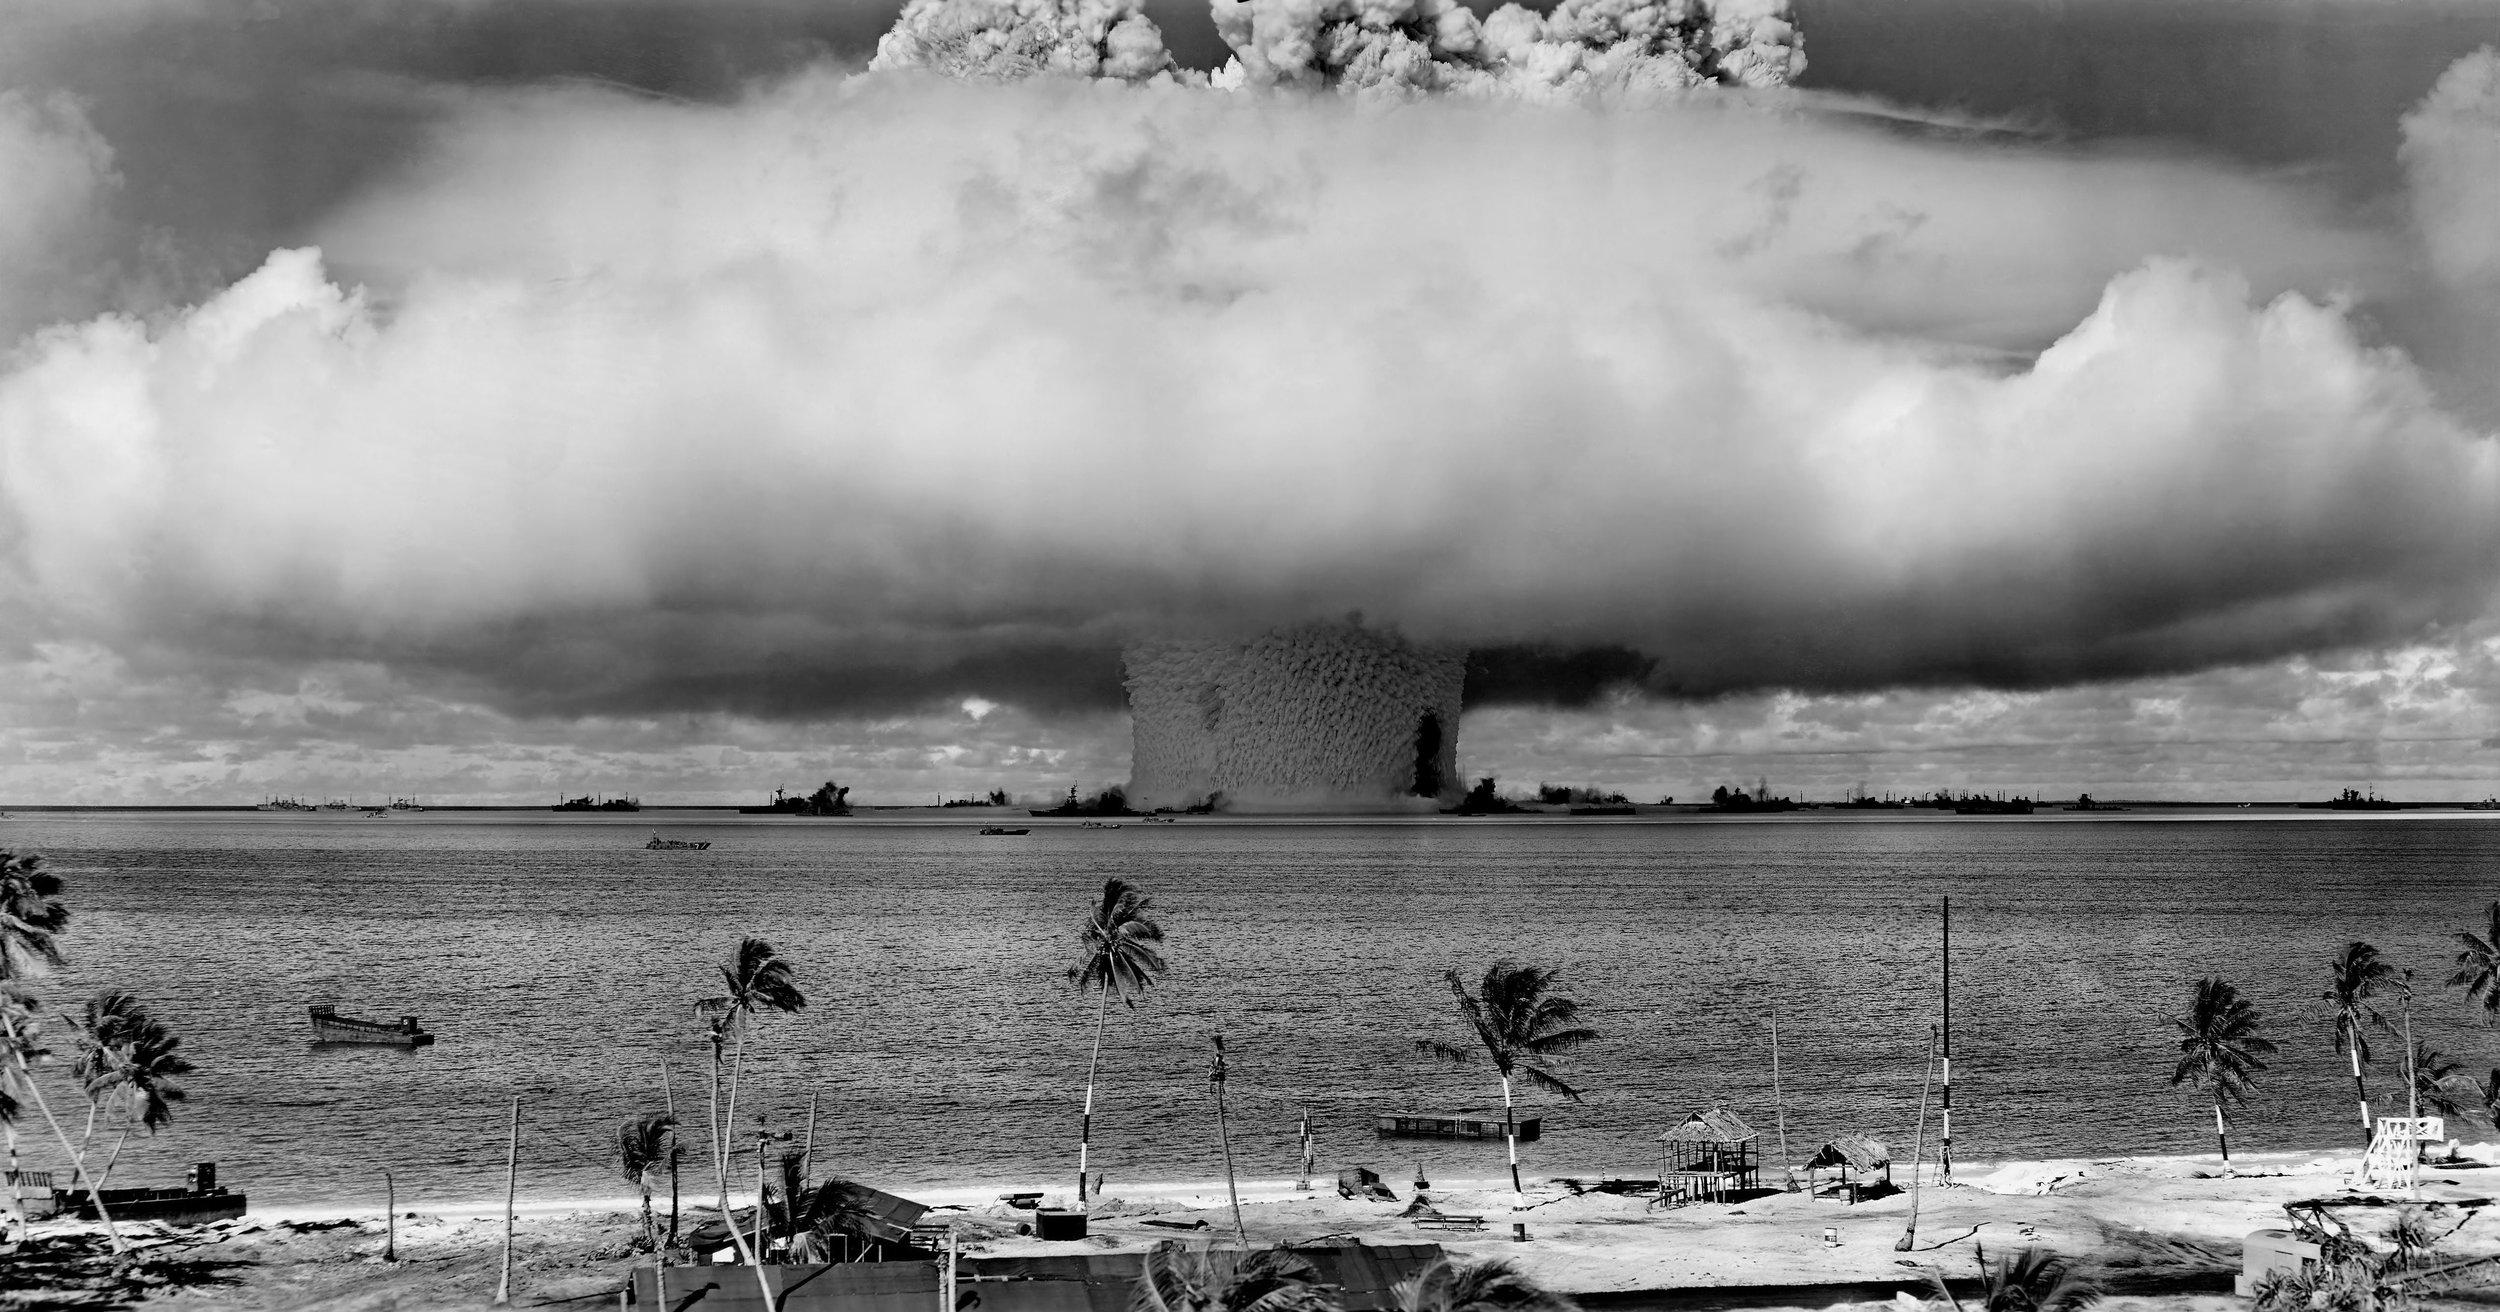 nuclear explosion - beach.jpg